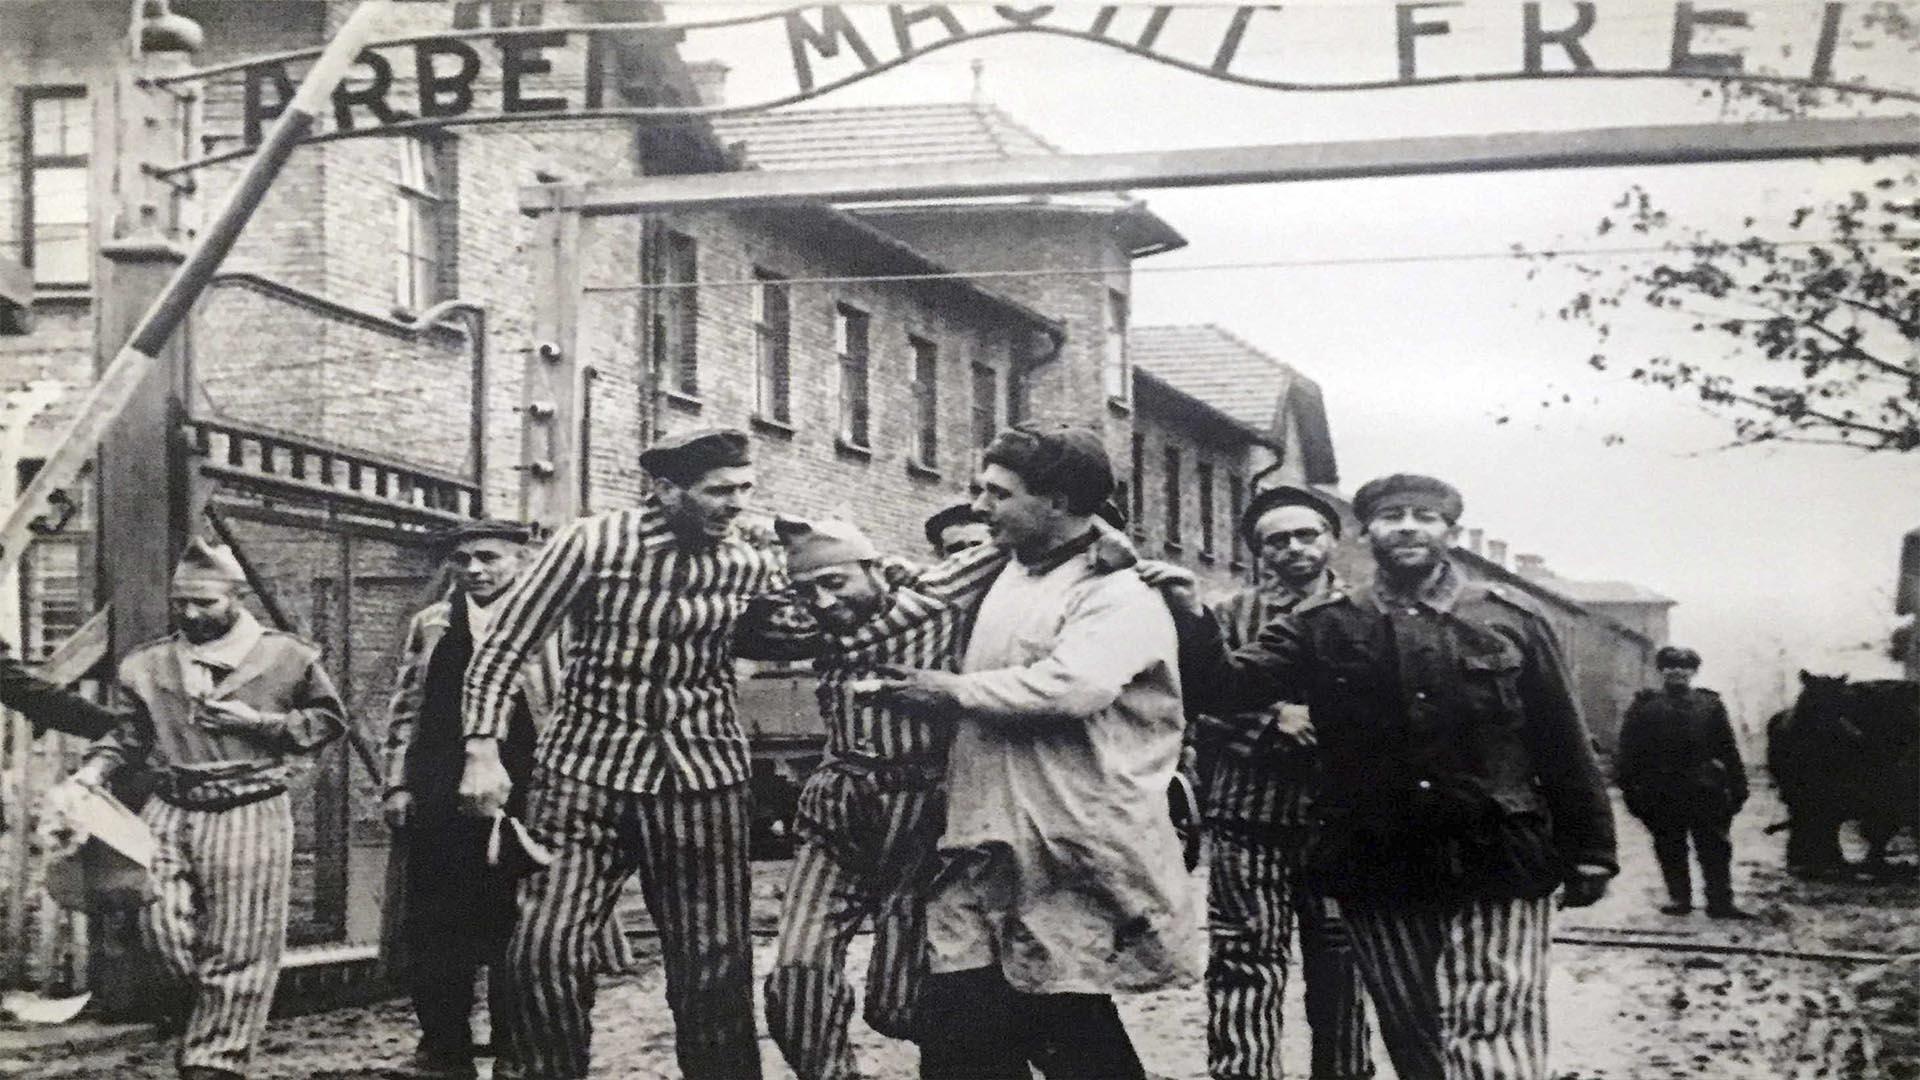 Asoman unas sonrisas. Algunos sobrevivientes luego de la liberación del Campo enmarcados por el cínico pórtico de Auschwitz: Arbeit macht frei (El trabajo los hará libres)